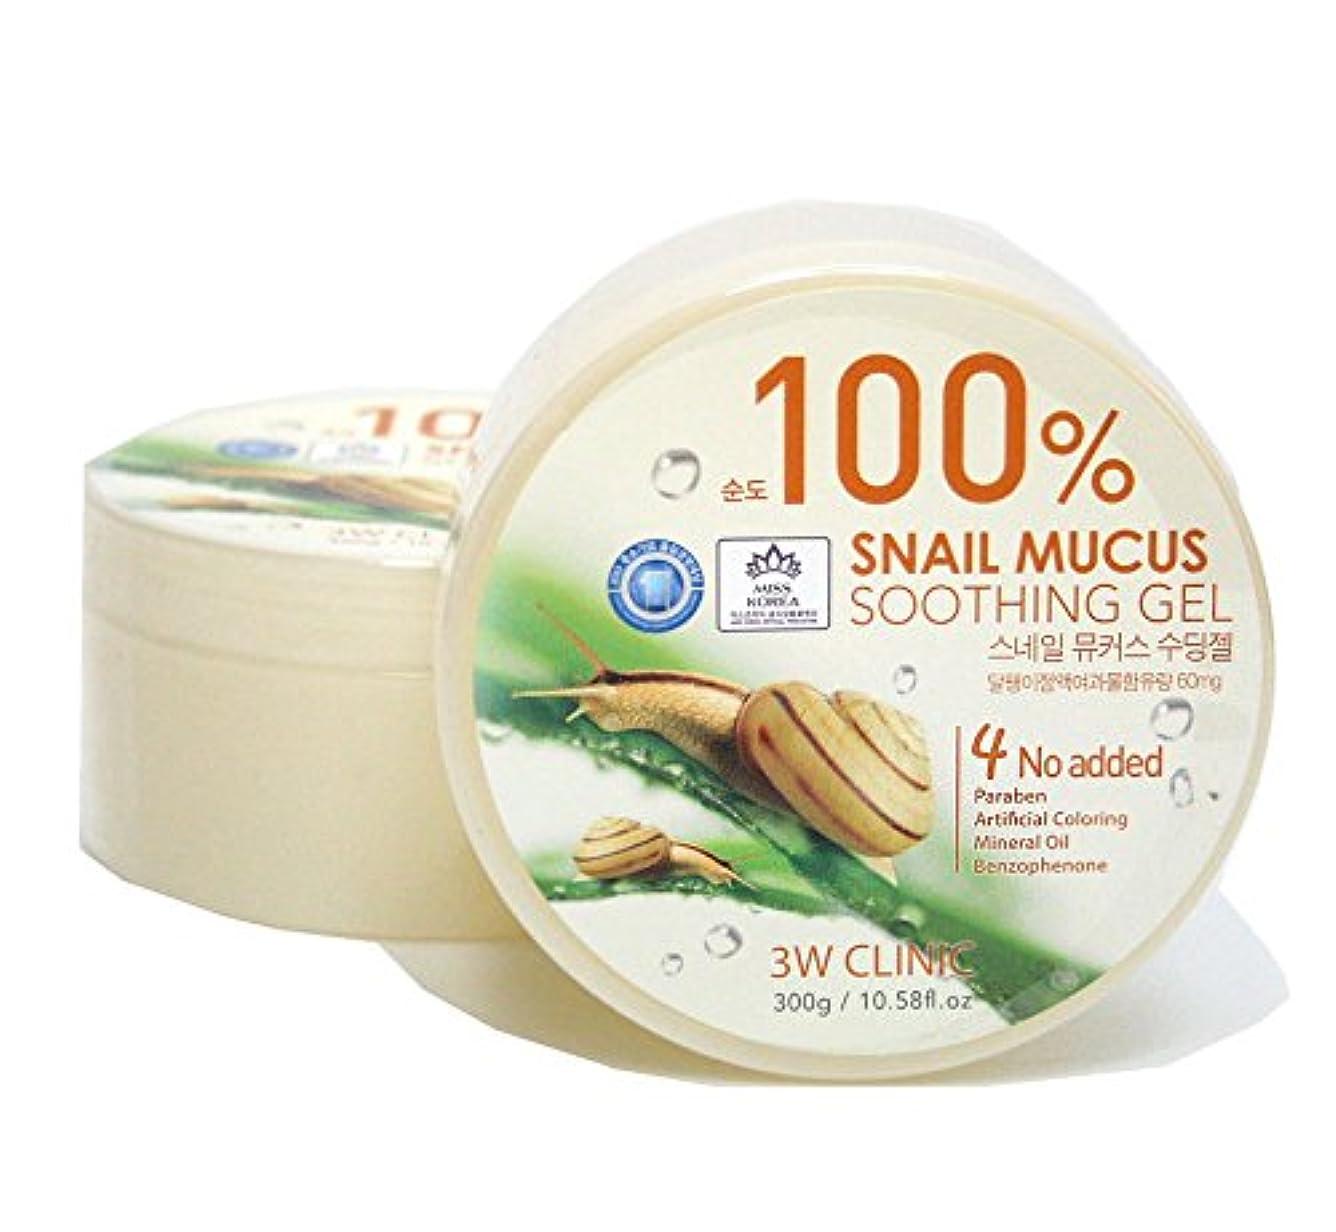 却下する光のスキー[3W CLINIC] カタツムリ粘液スージングジェル300g / Snail Mucus Soothing Gel 300g / 水分/オールスキンタイプ / Moisture / fresh and smooth /...